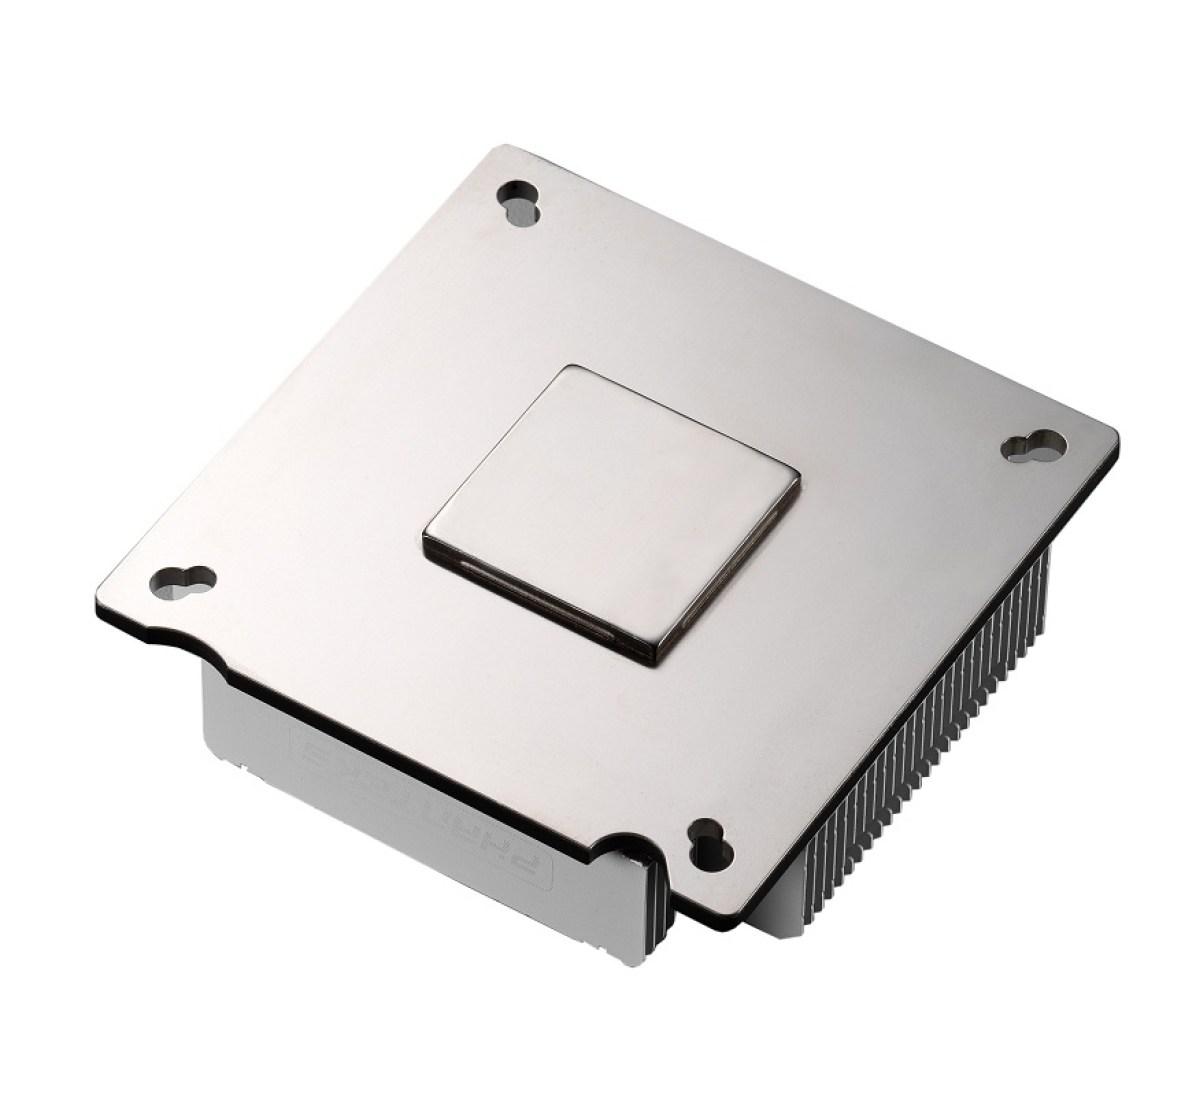 phanteks-ph-tc90ls-cpu-cooler-4